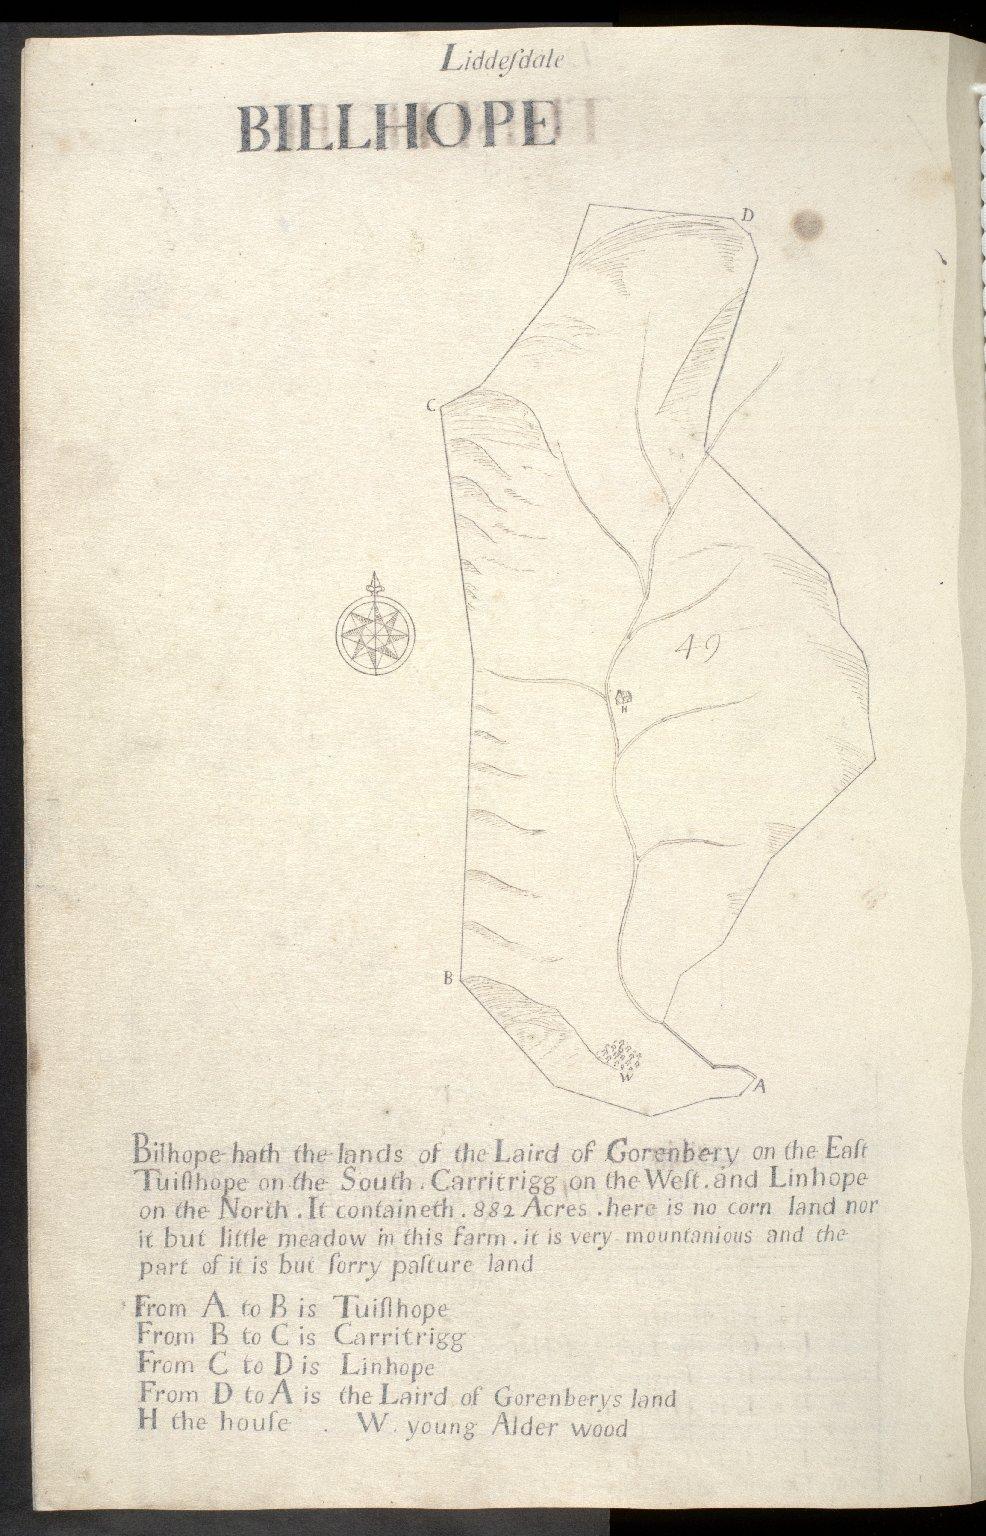 Liddesdale : Billhope [1 of 1]